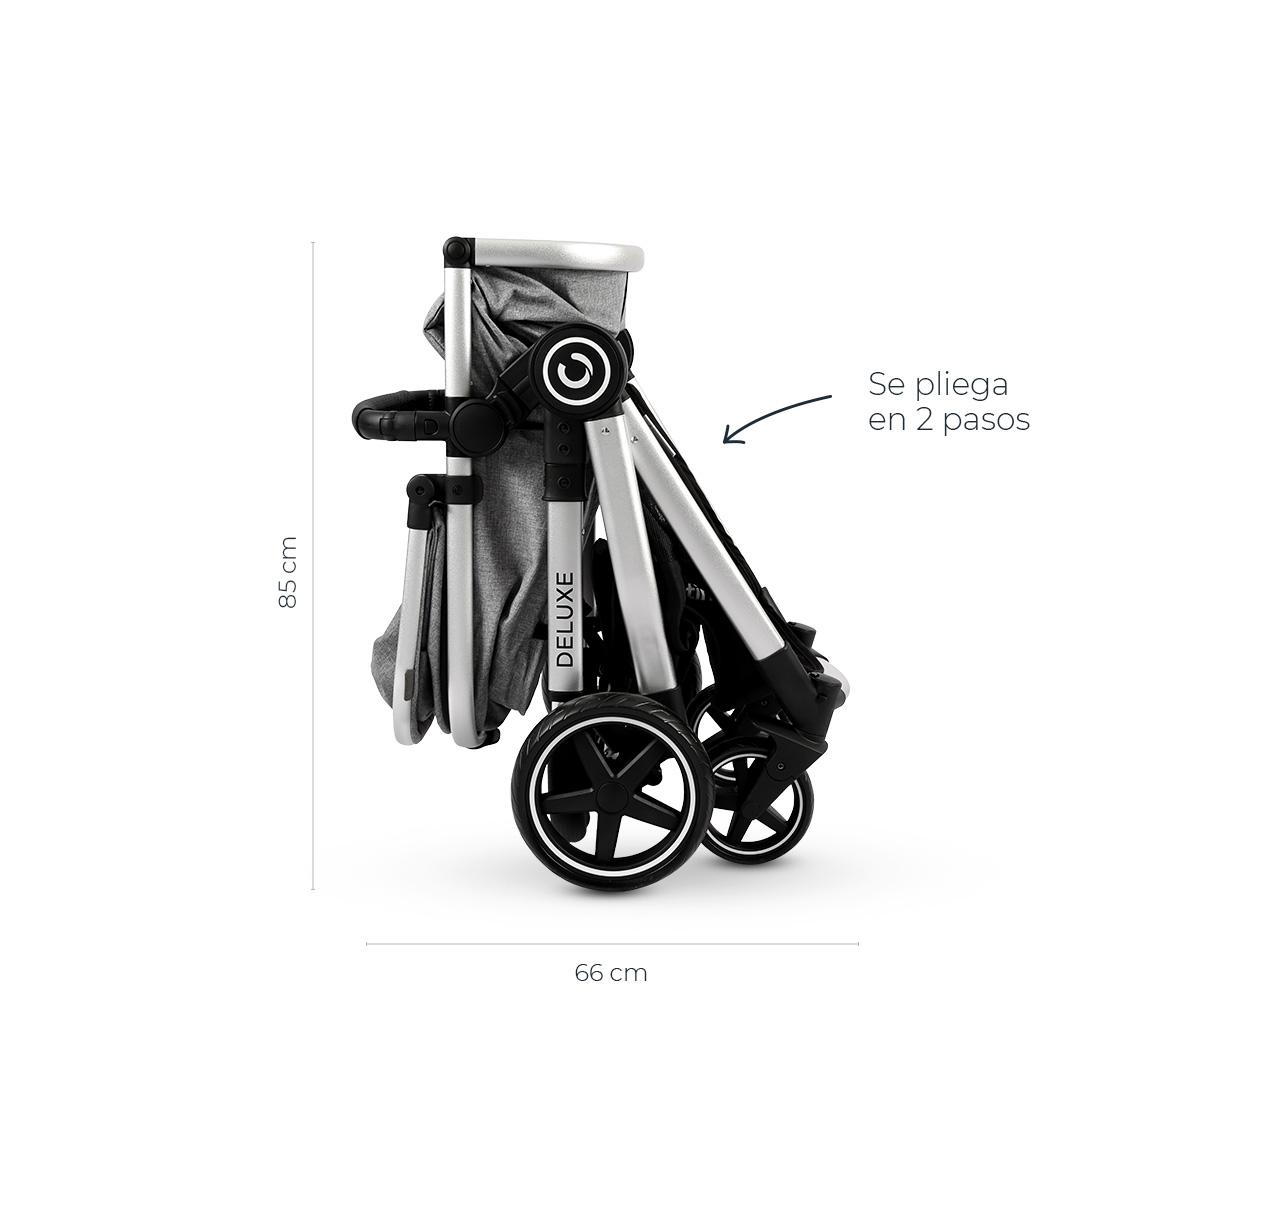 Cochecito DELUXE v2 Accesorios Gris imagen 21